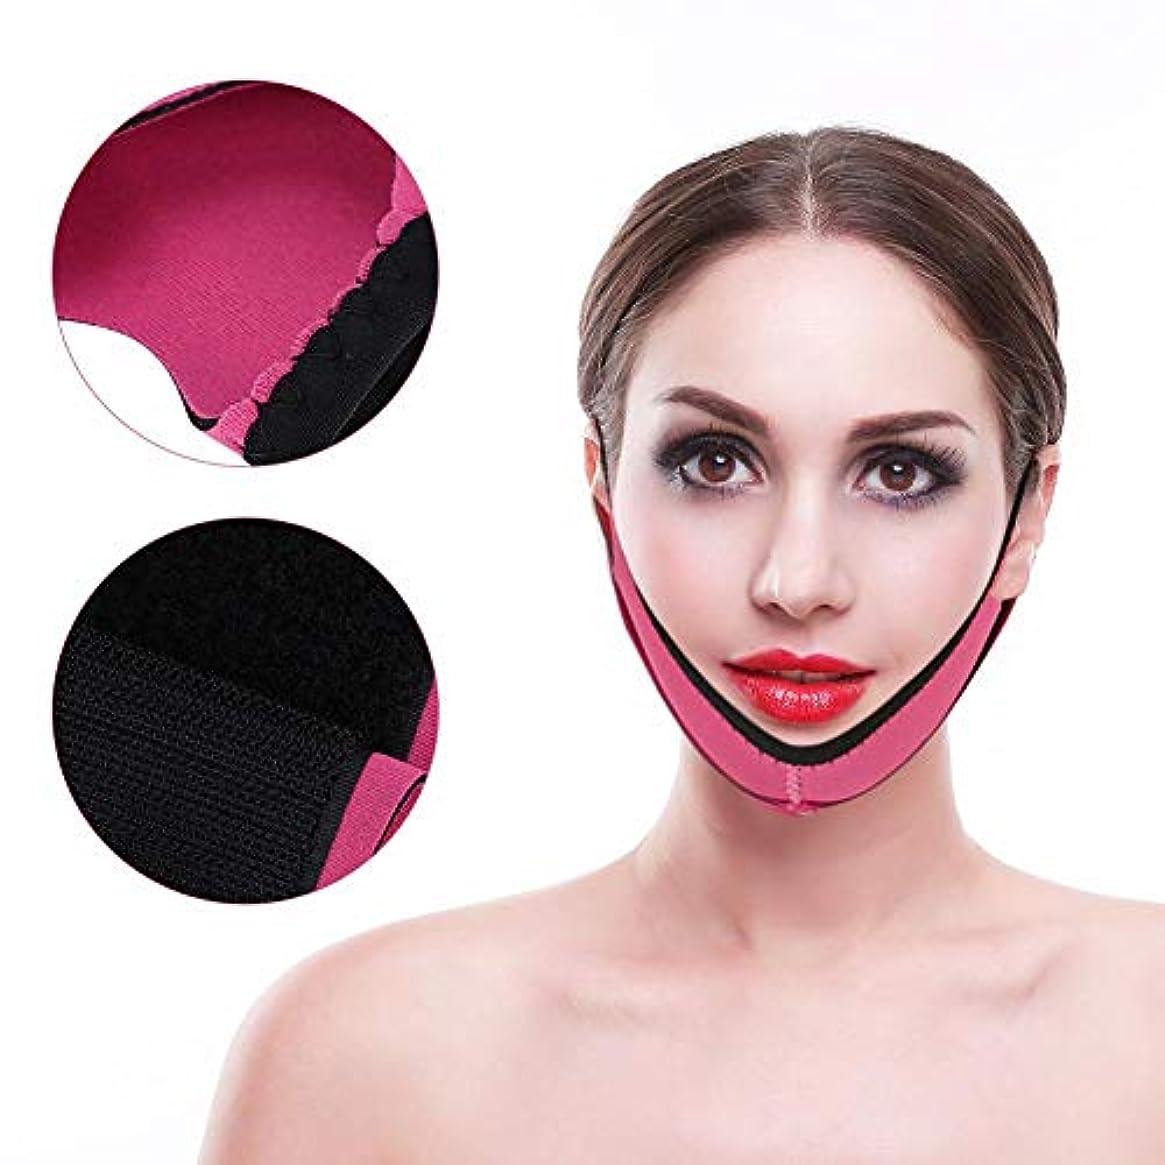 まもなく尽きる苦行Vフェイスラインベルト、超薄型ストラップバンドVフェイスラインベルトは、二重あごと顔面筋の弛緩を効果的に改善します。